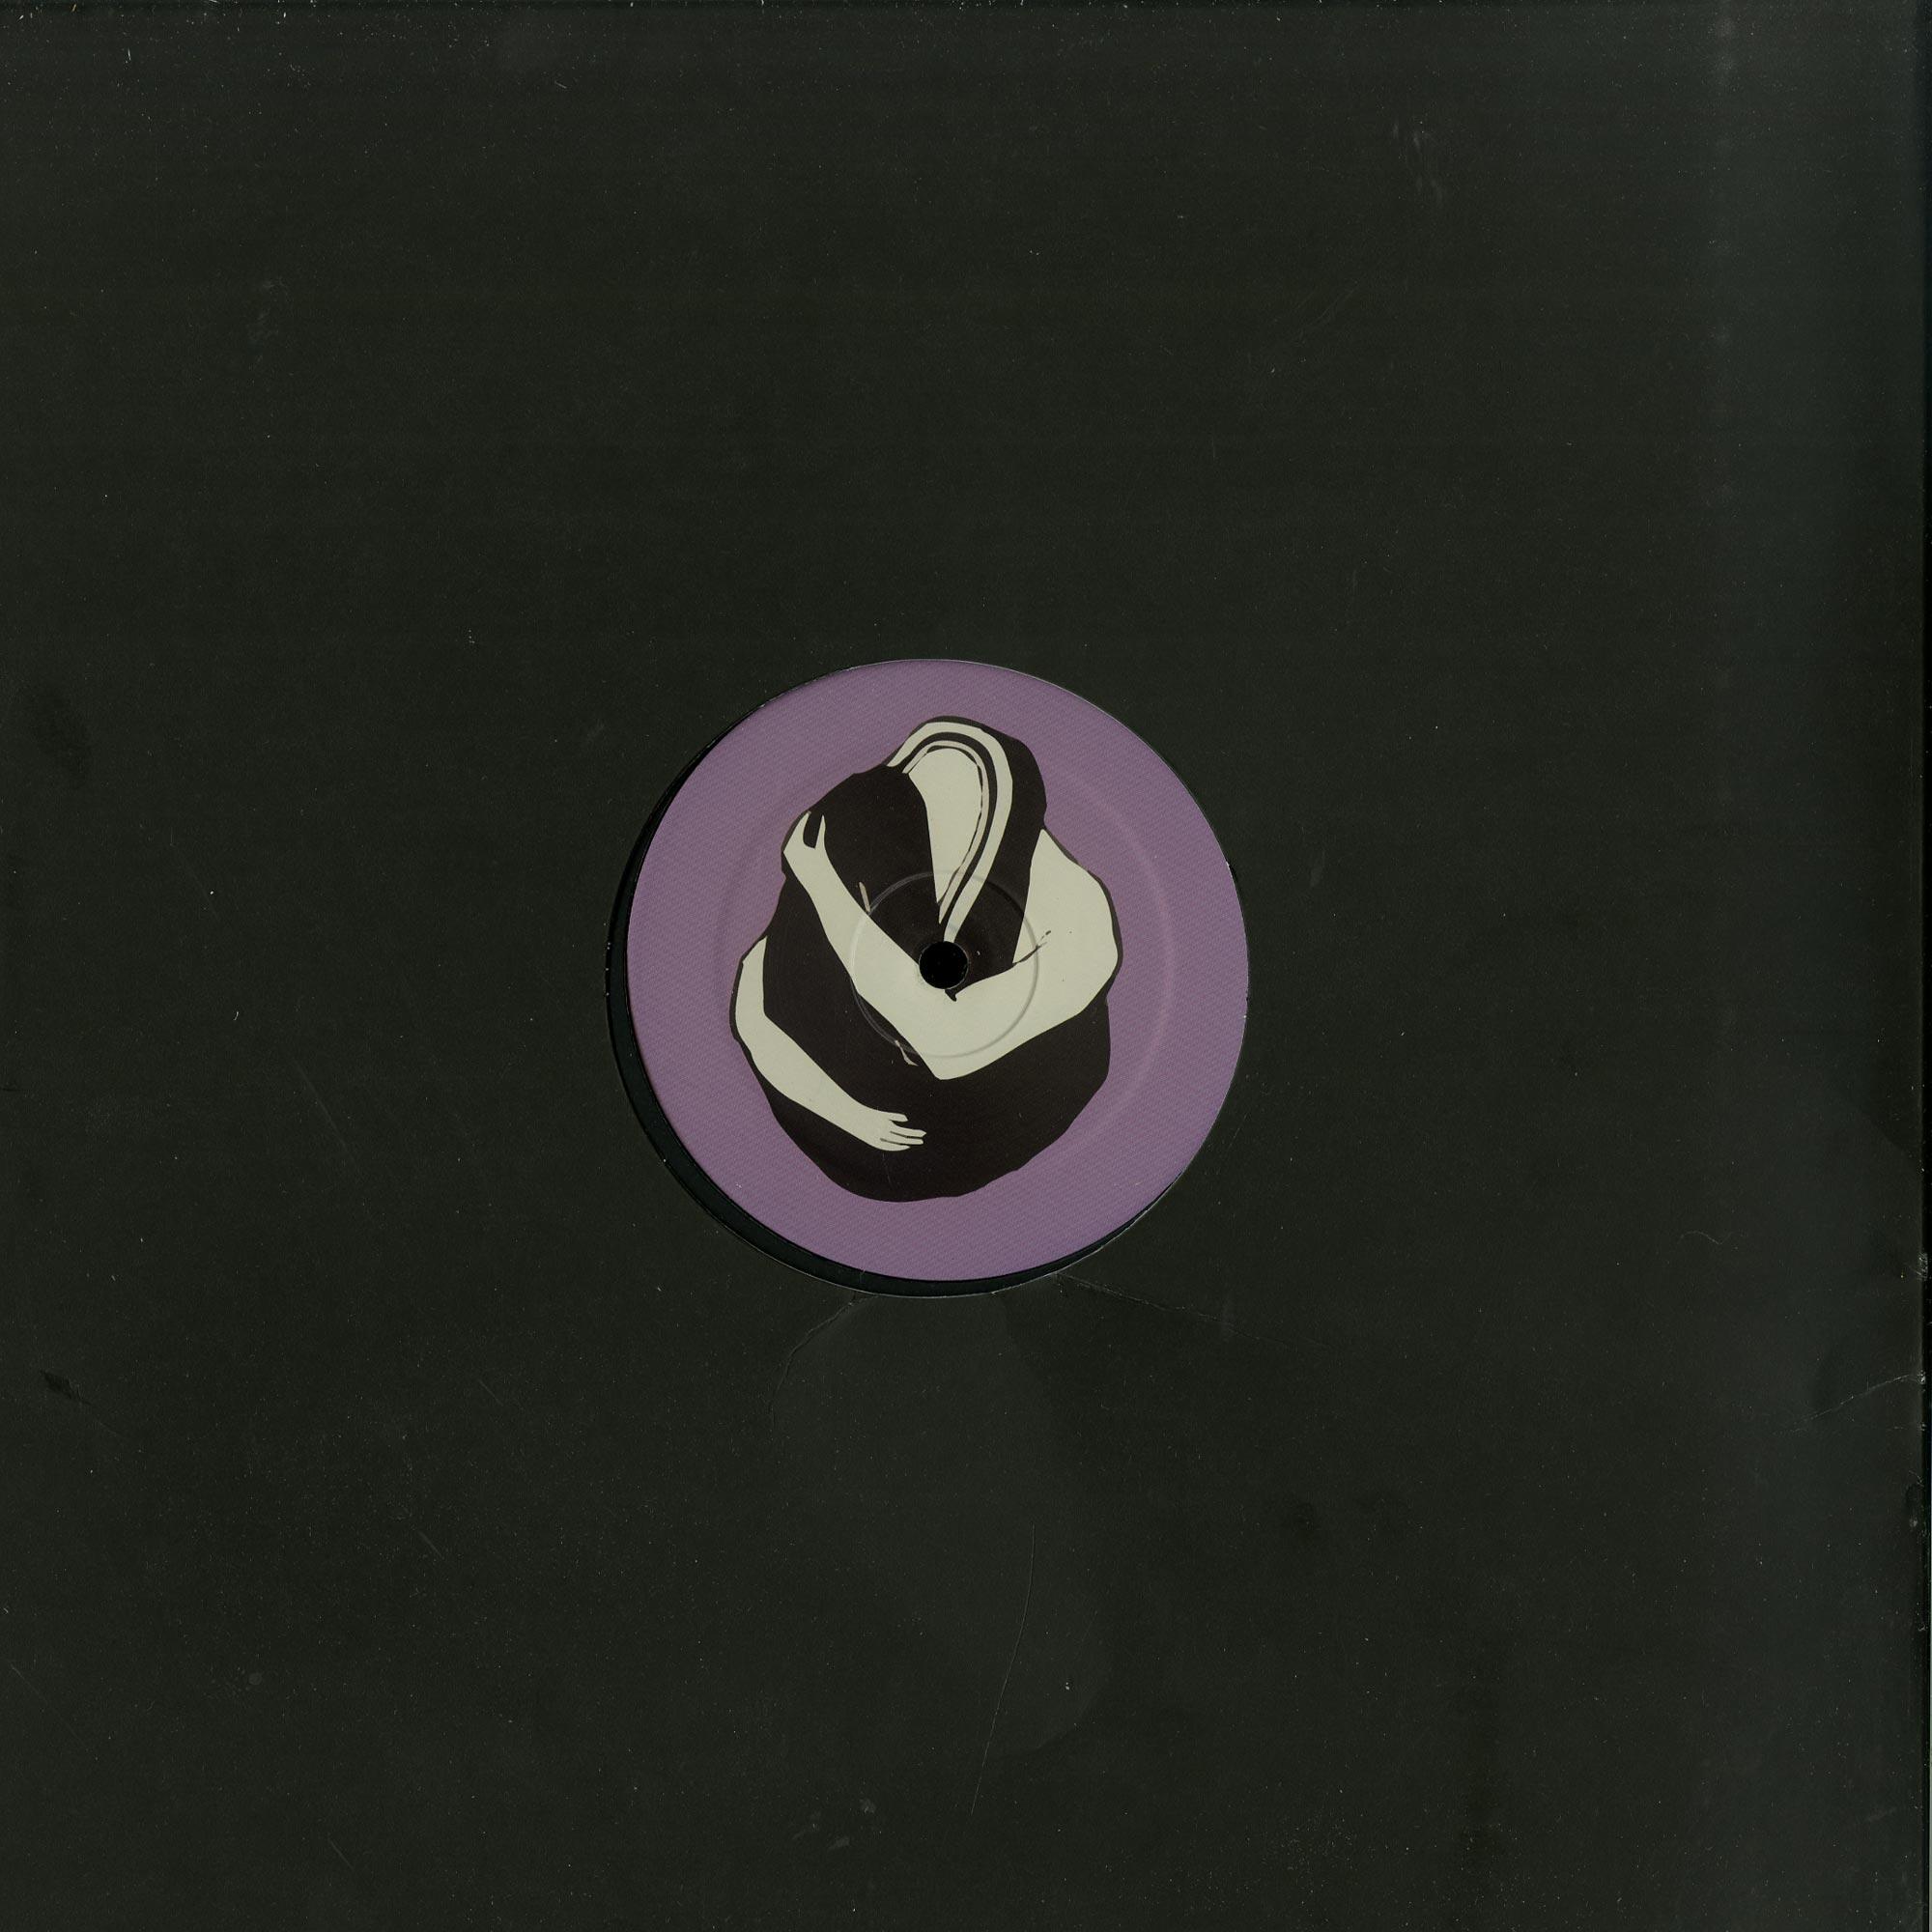 St. Joseph - PLAYER NR 1 EP